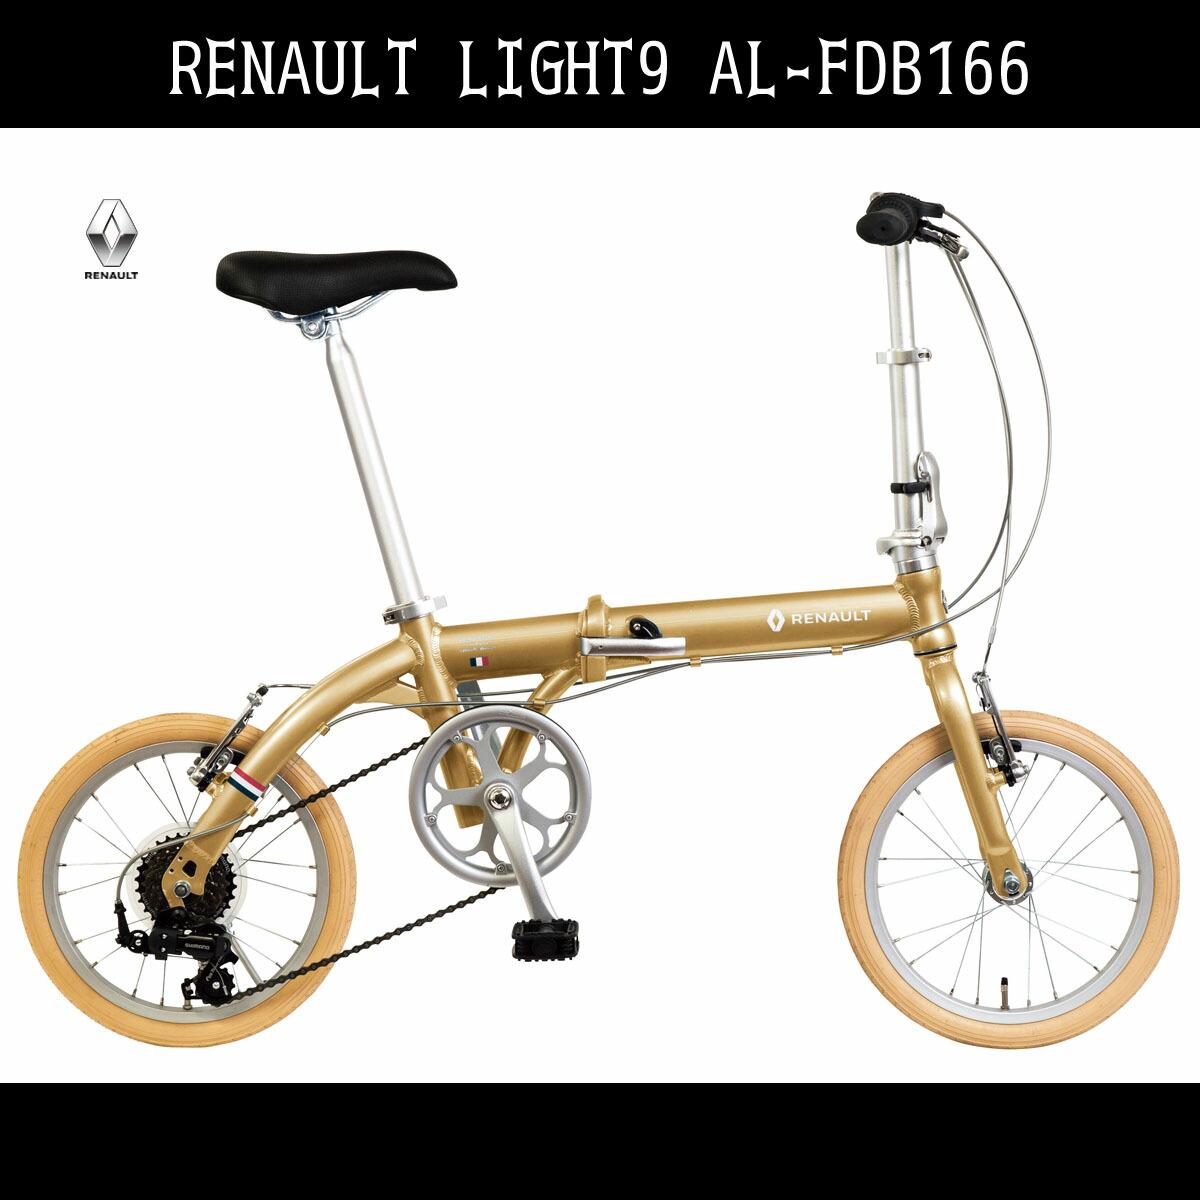 折りたたみ自転車 ルノー RENAULT 自転車 折りたたみ自転車 ゴールド/金16インチ 折りたたみ自転車 軽量 外装6段変速ギア付き ルノー LIGHT9 AL-FDB166 ライトナイン アルミニウム